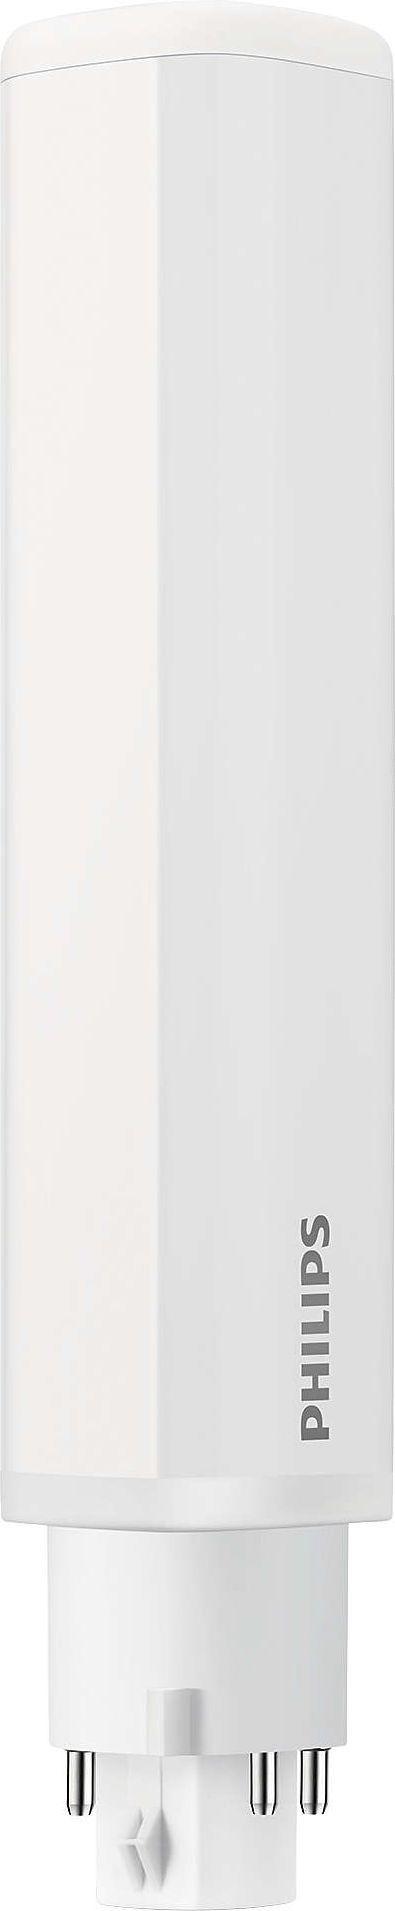 Philips CorePro LED 9W, G24q-3 (PH-54115900) 1